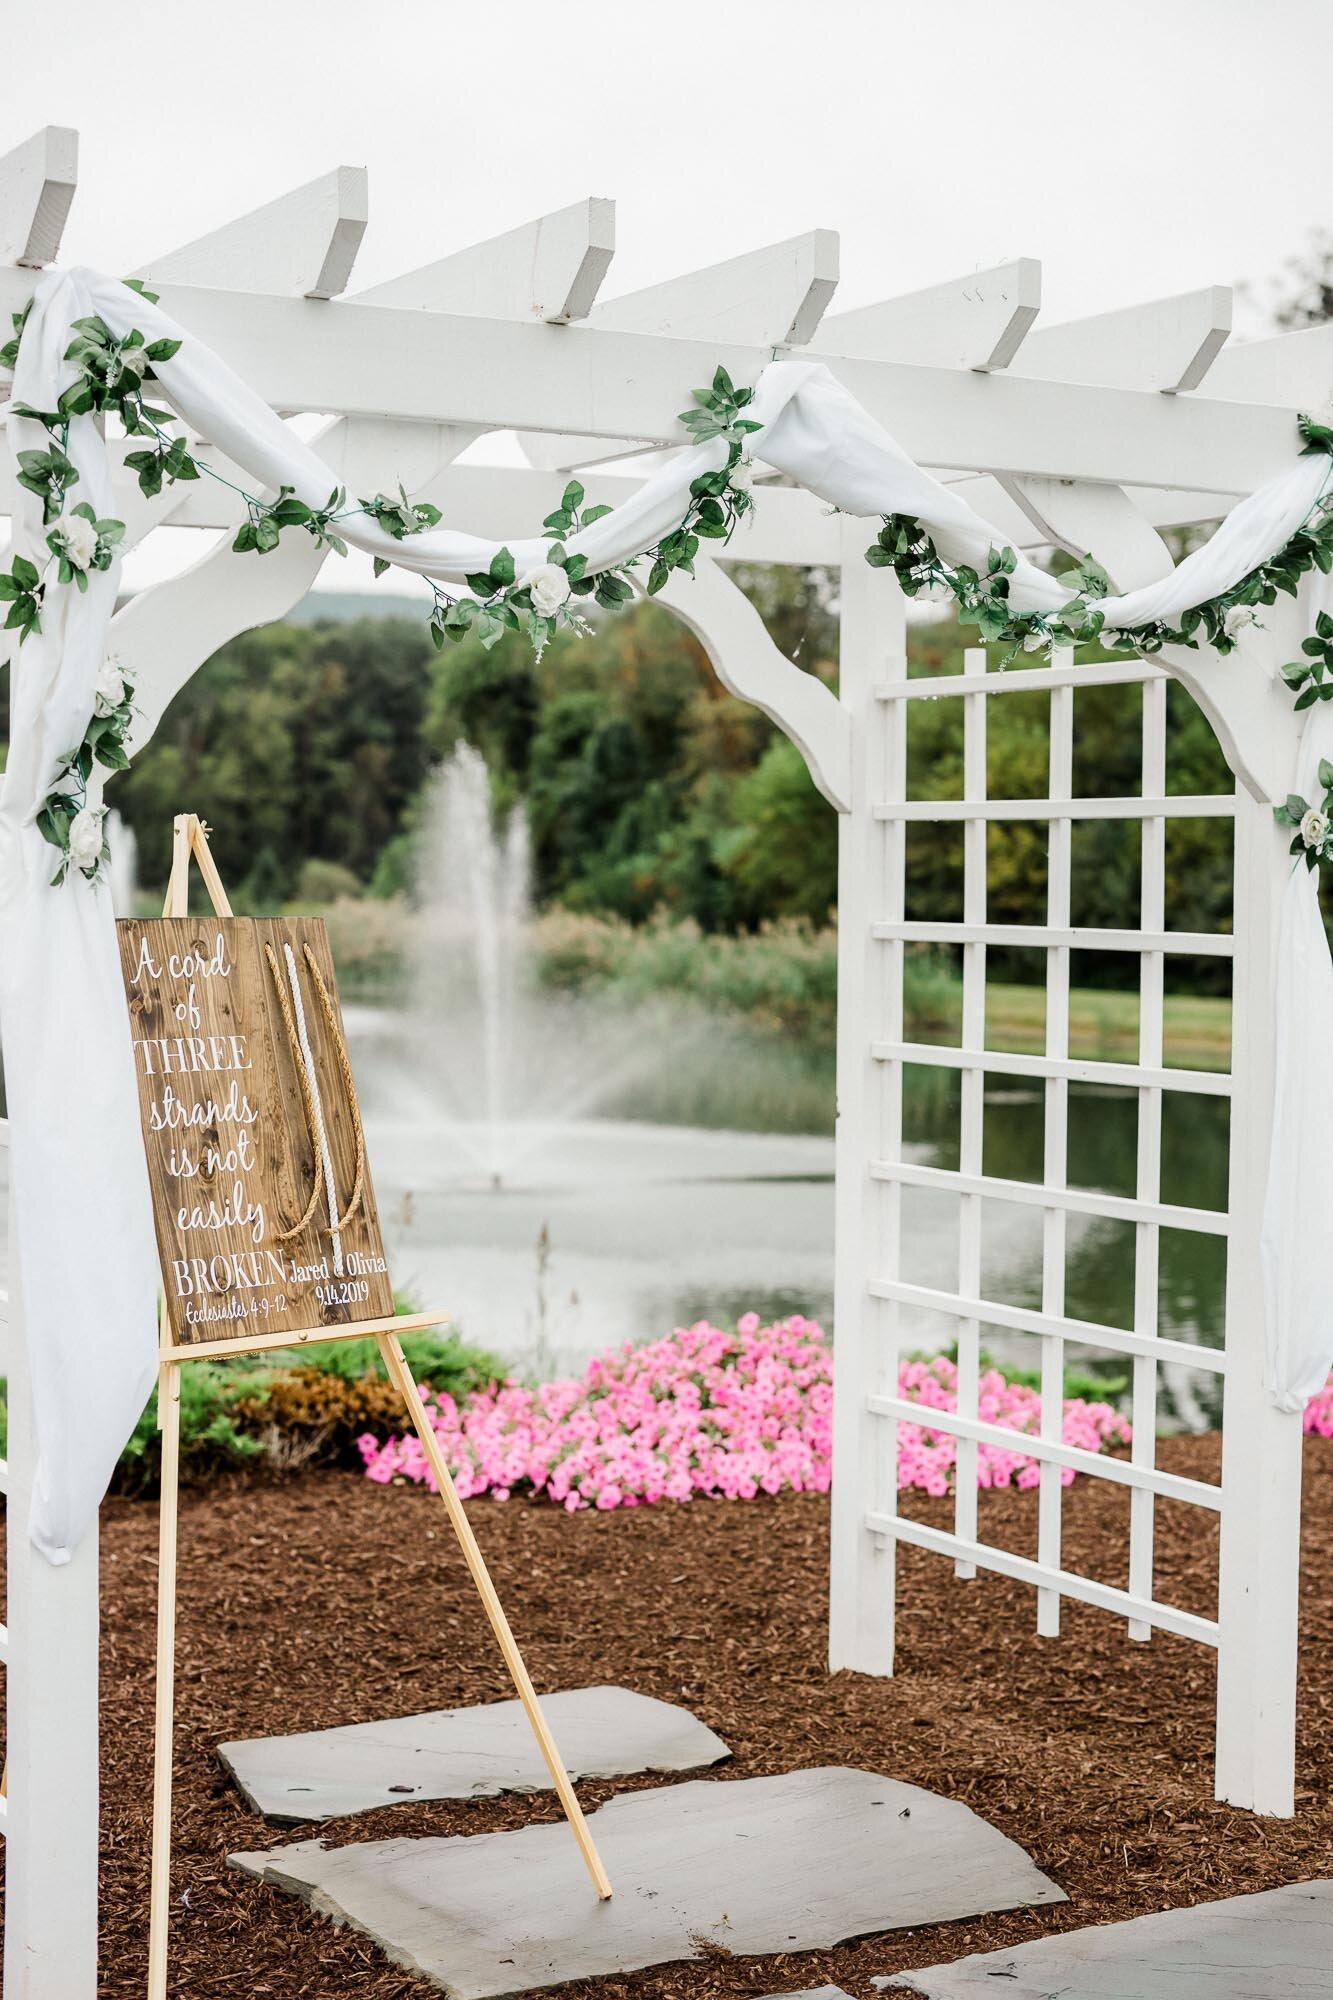 links-hemlock-creek-bloomsburg-wedding-9090.jpg